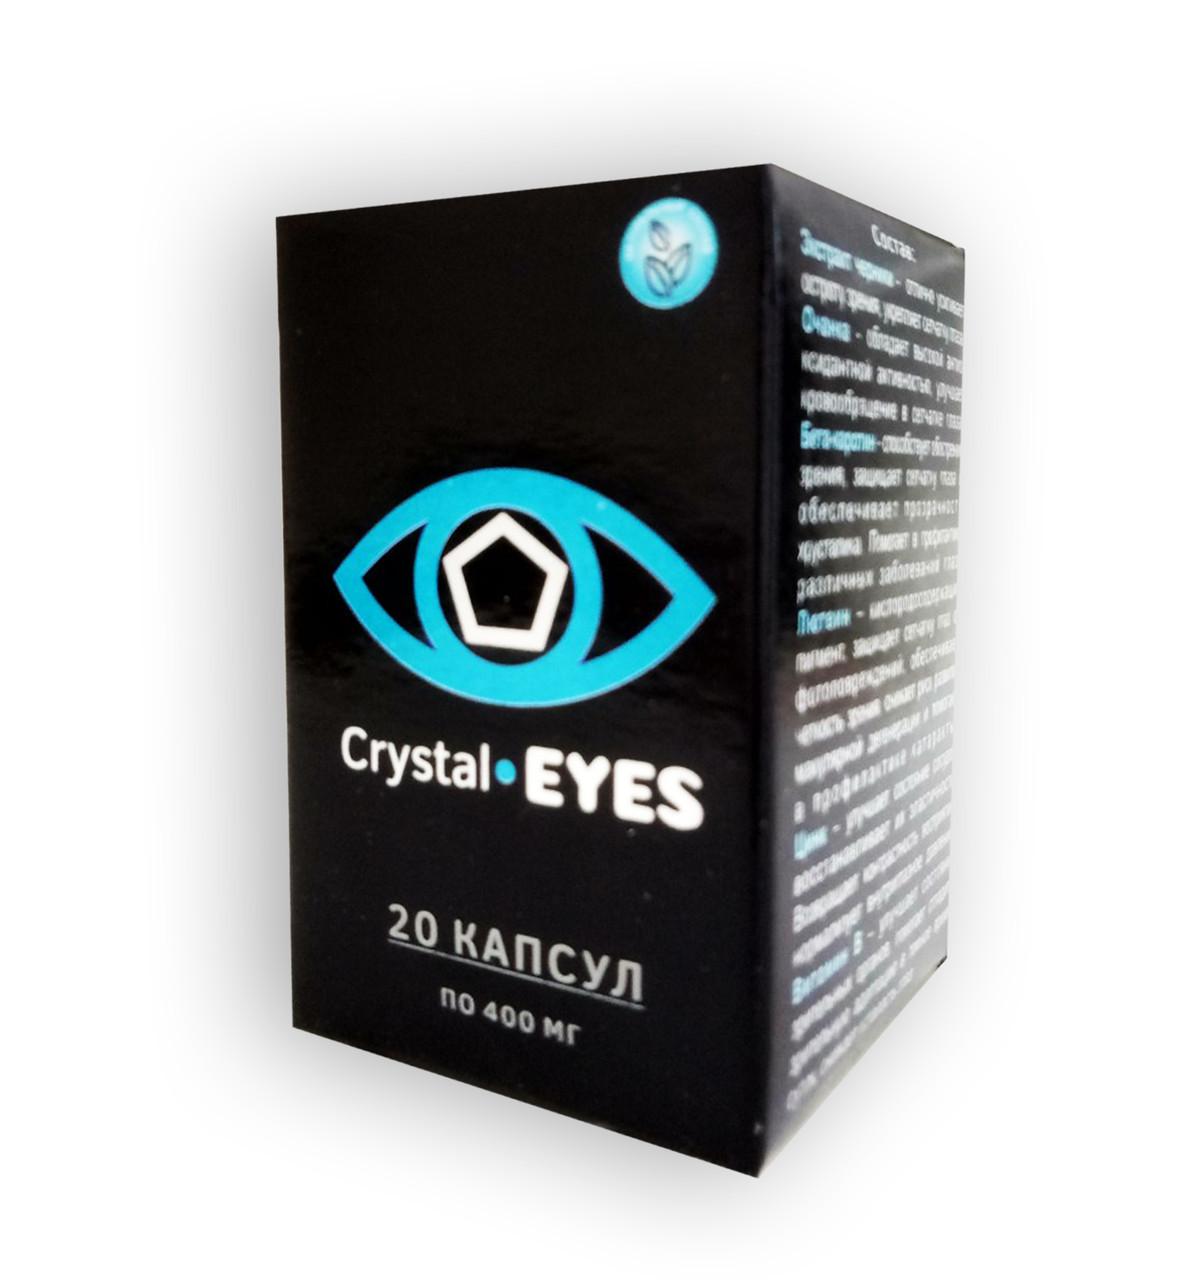 Crystal Eyes (Кристал Айс) Капсулы для восстановление зрения 19440